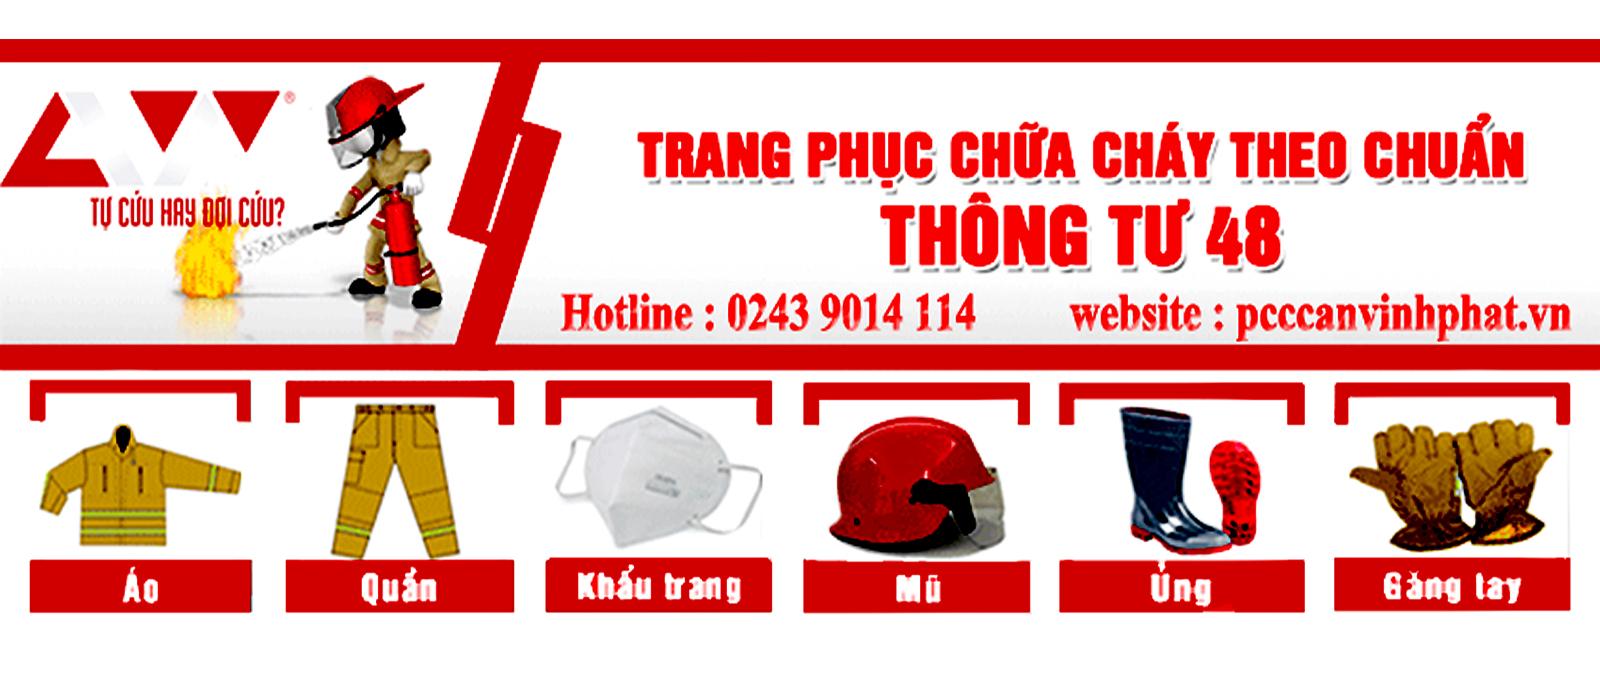 thong tu 48